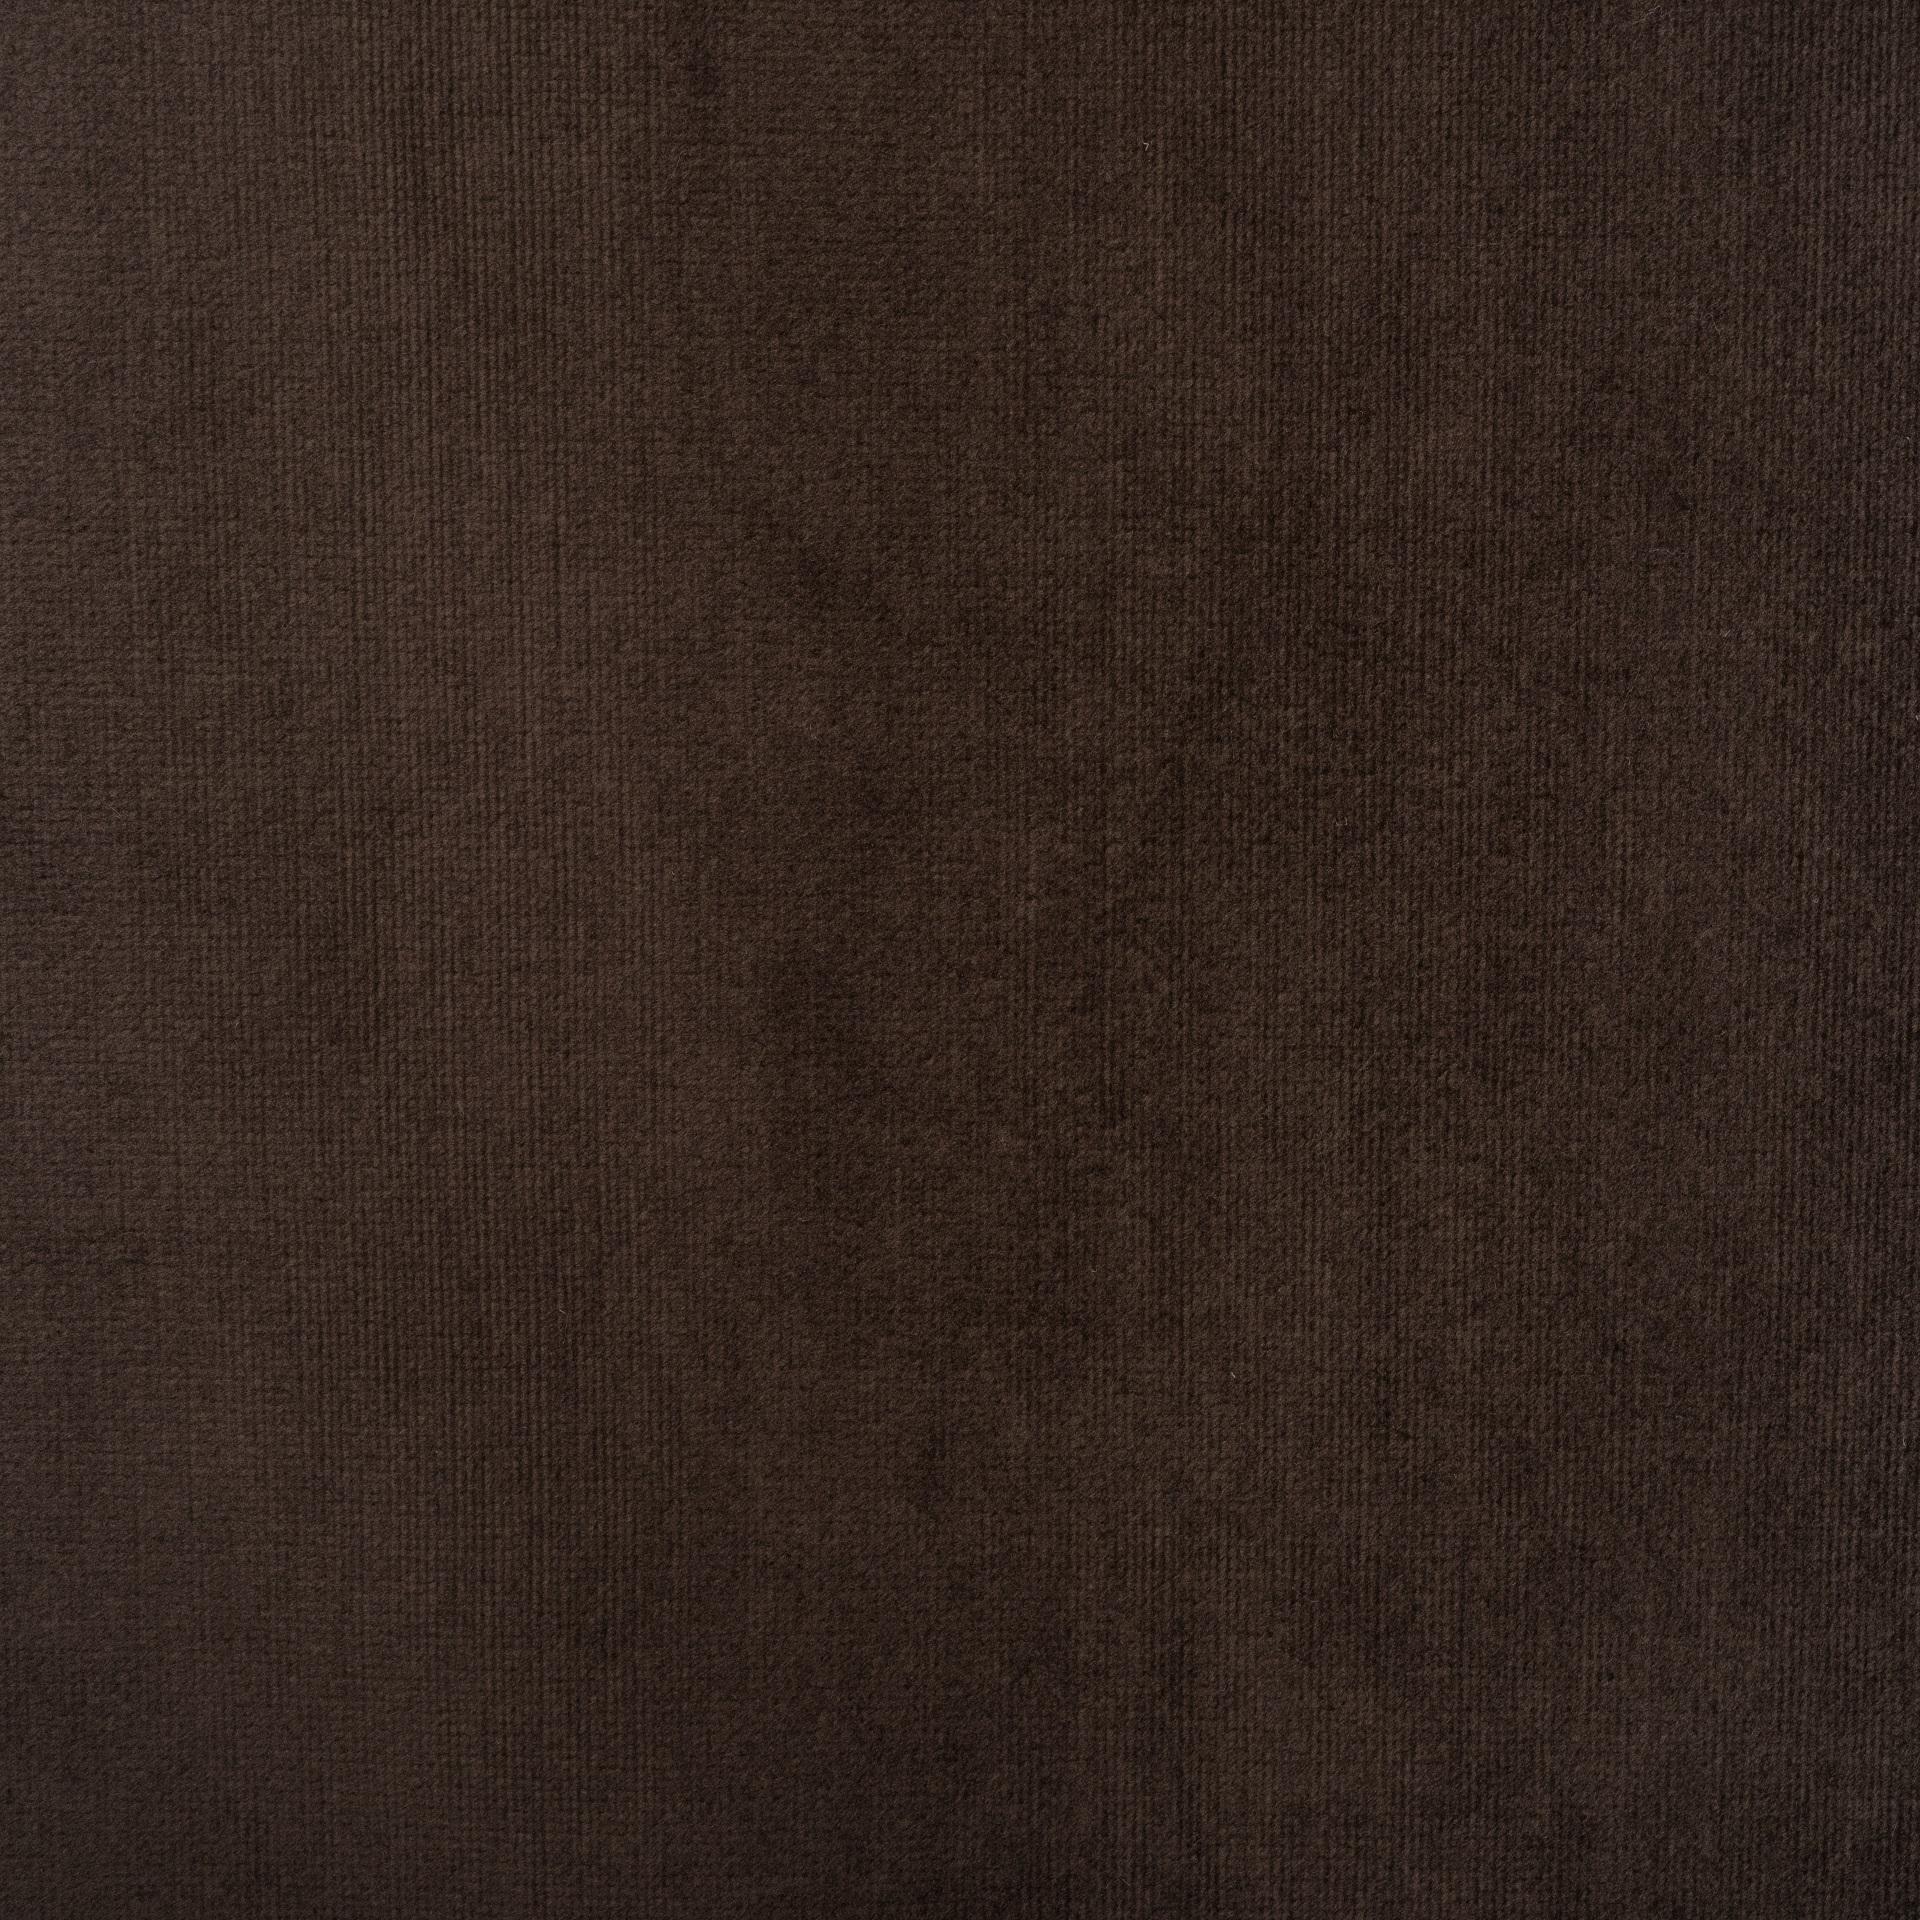 Коллекция ткани Багира 41 TURKISH COFFEE,  купить ткань Велюр для мебели Украина